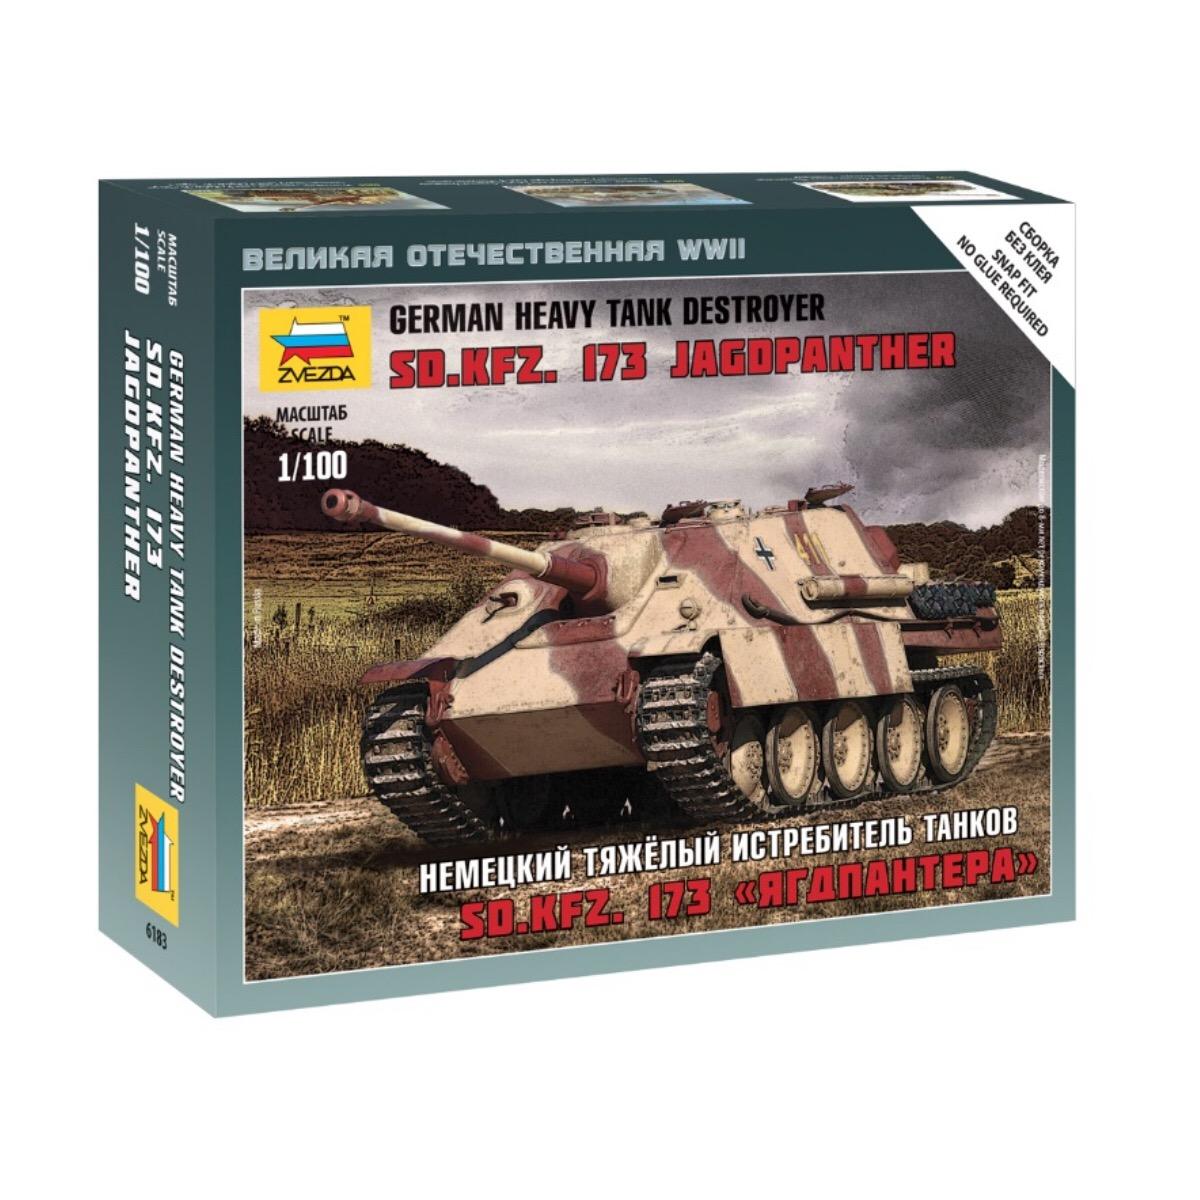 Модель сборная - Немецкий тяжёлый истребитель танков Ягдпантера, Звезда  - купить со скидкой